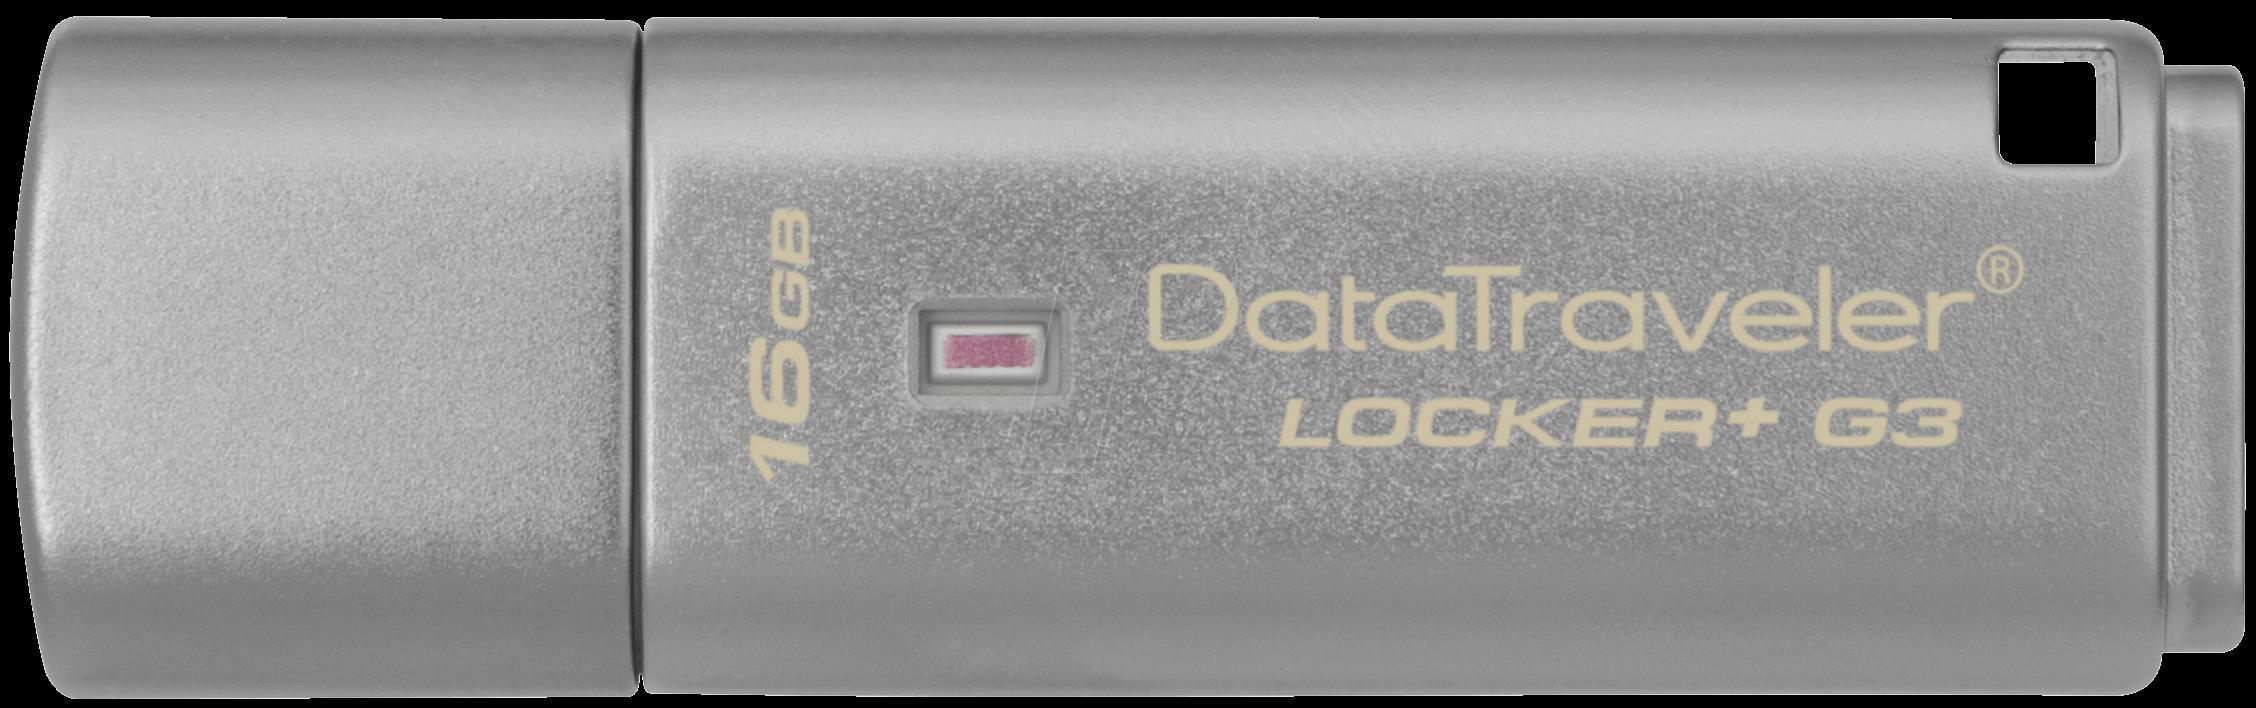 https://cdn-reichelt.de/bilder/web/xxl_ws/E910/KINGSTON_DTLPG3_16GB_04.png